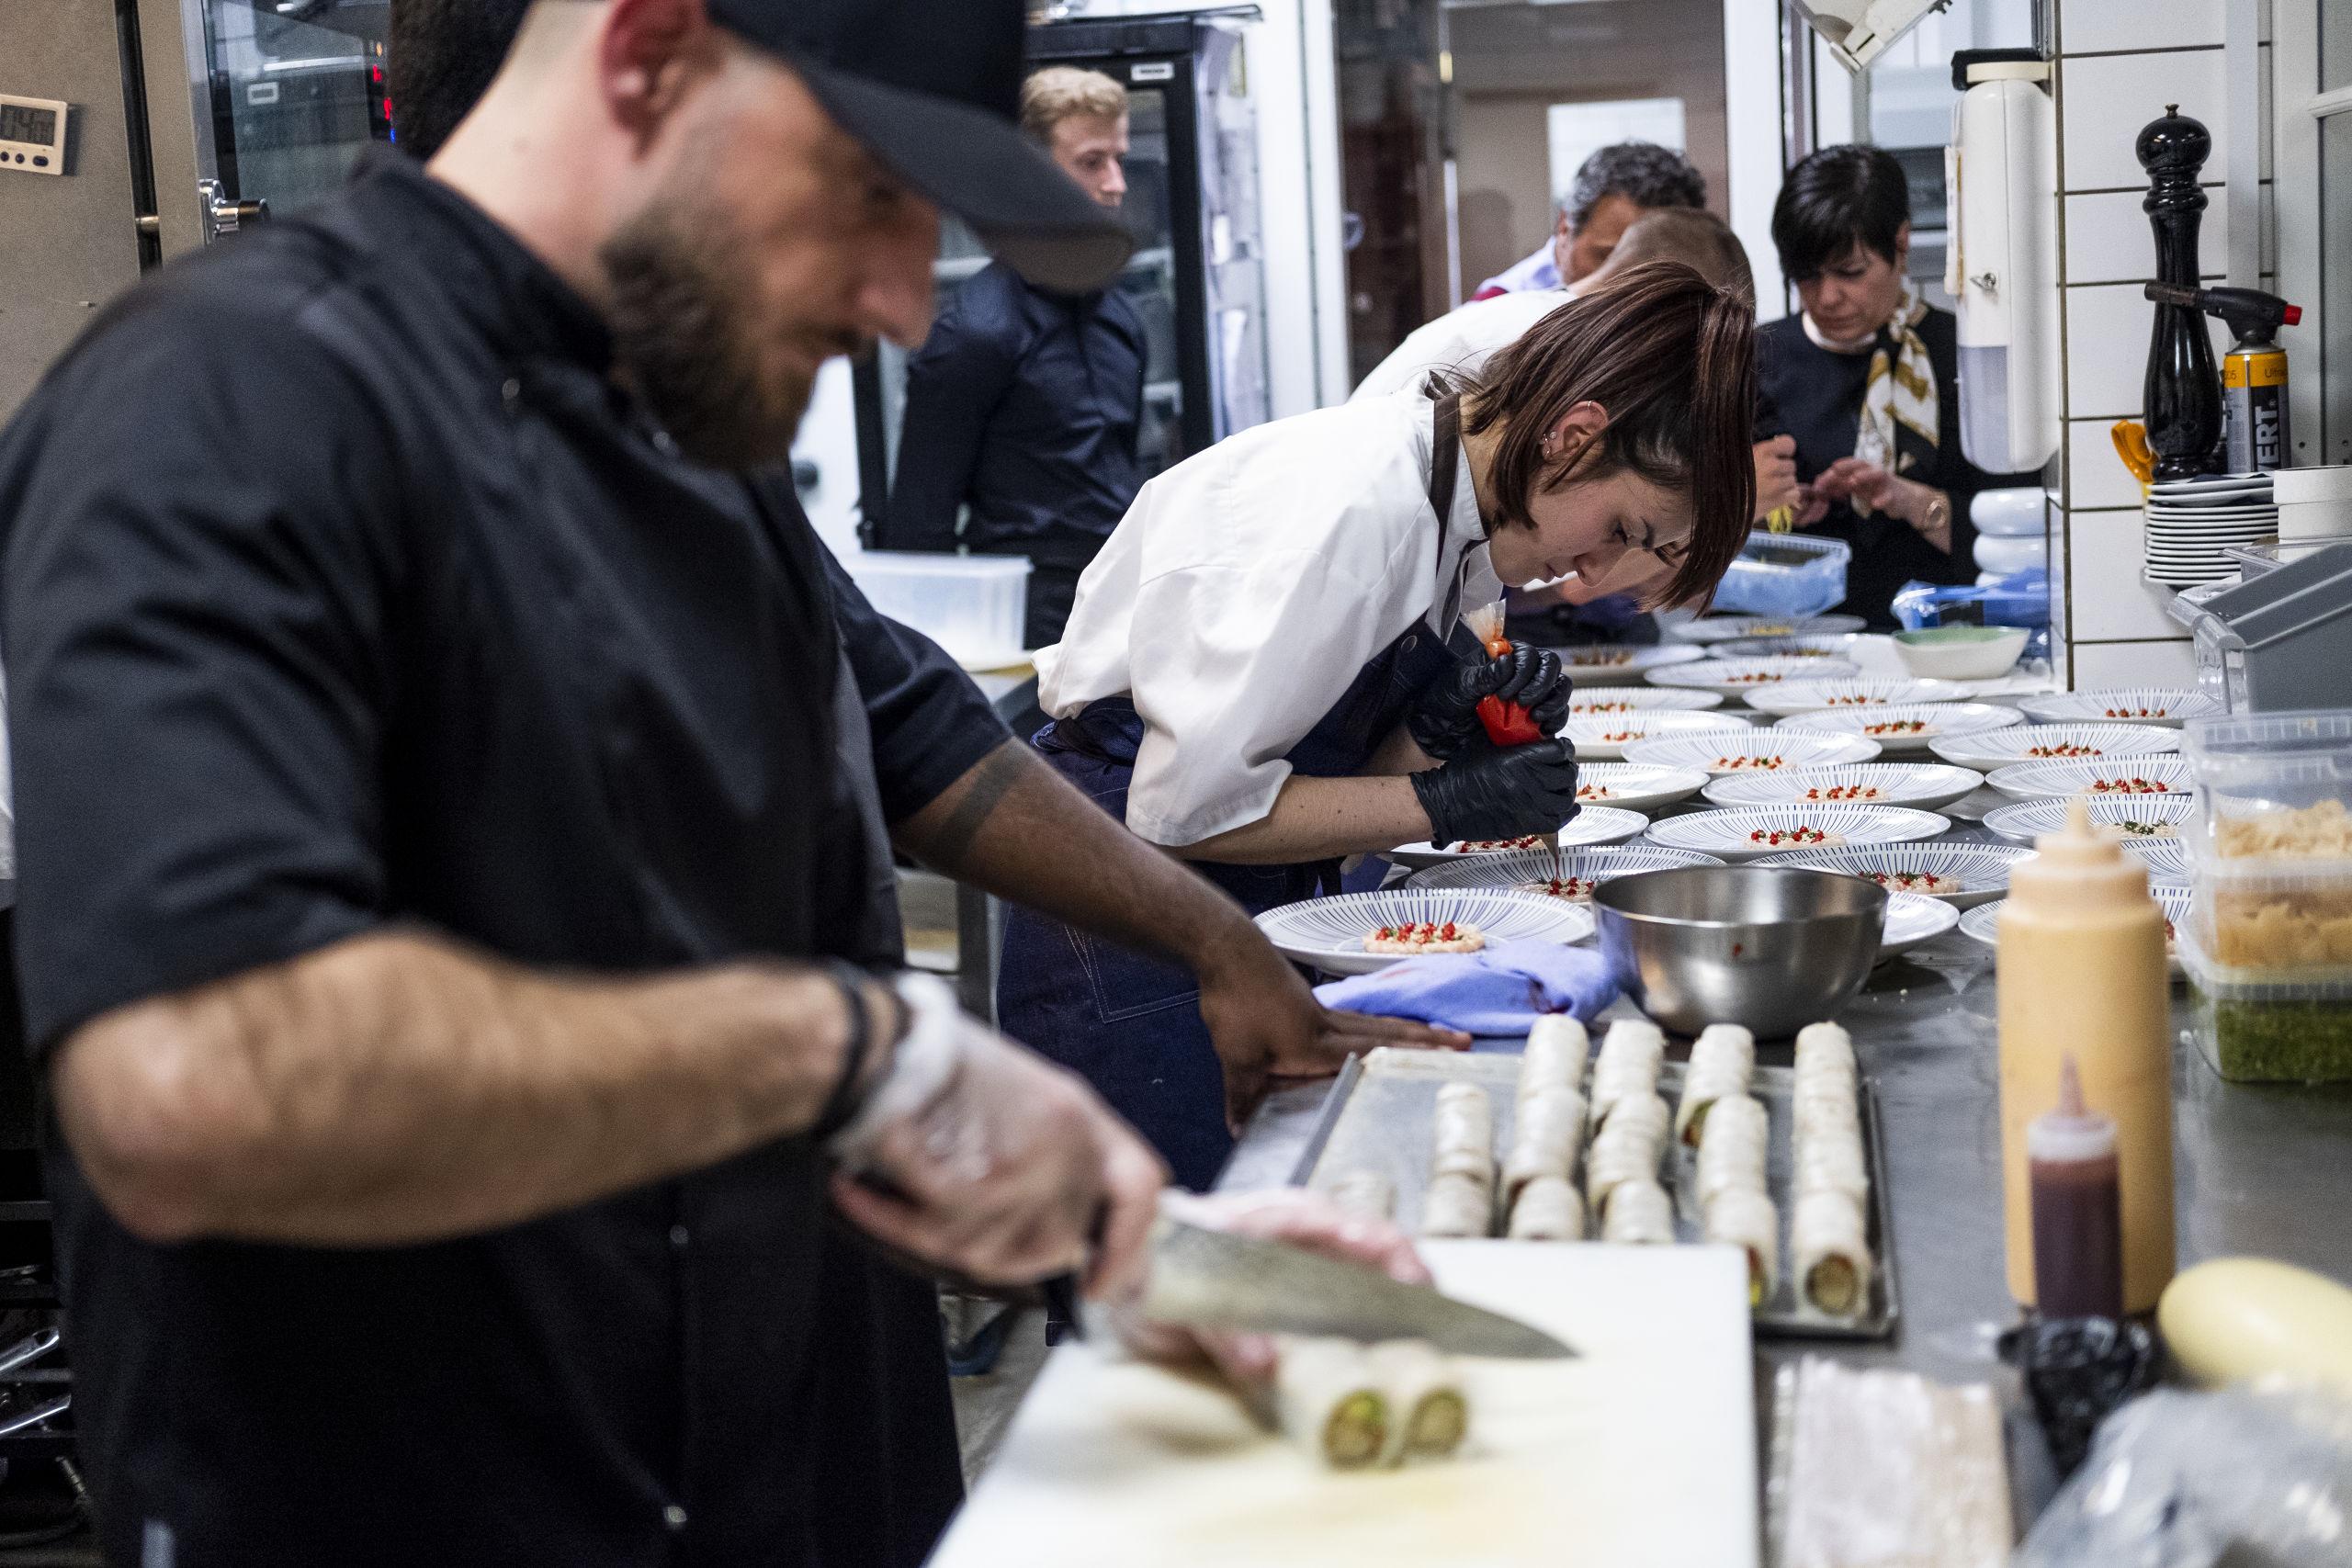 Det var første gang, SushiMania XO stillede op ved Bedst i Nordjylland. Foto: Lasse Sand